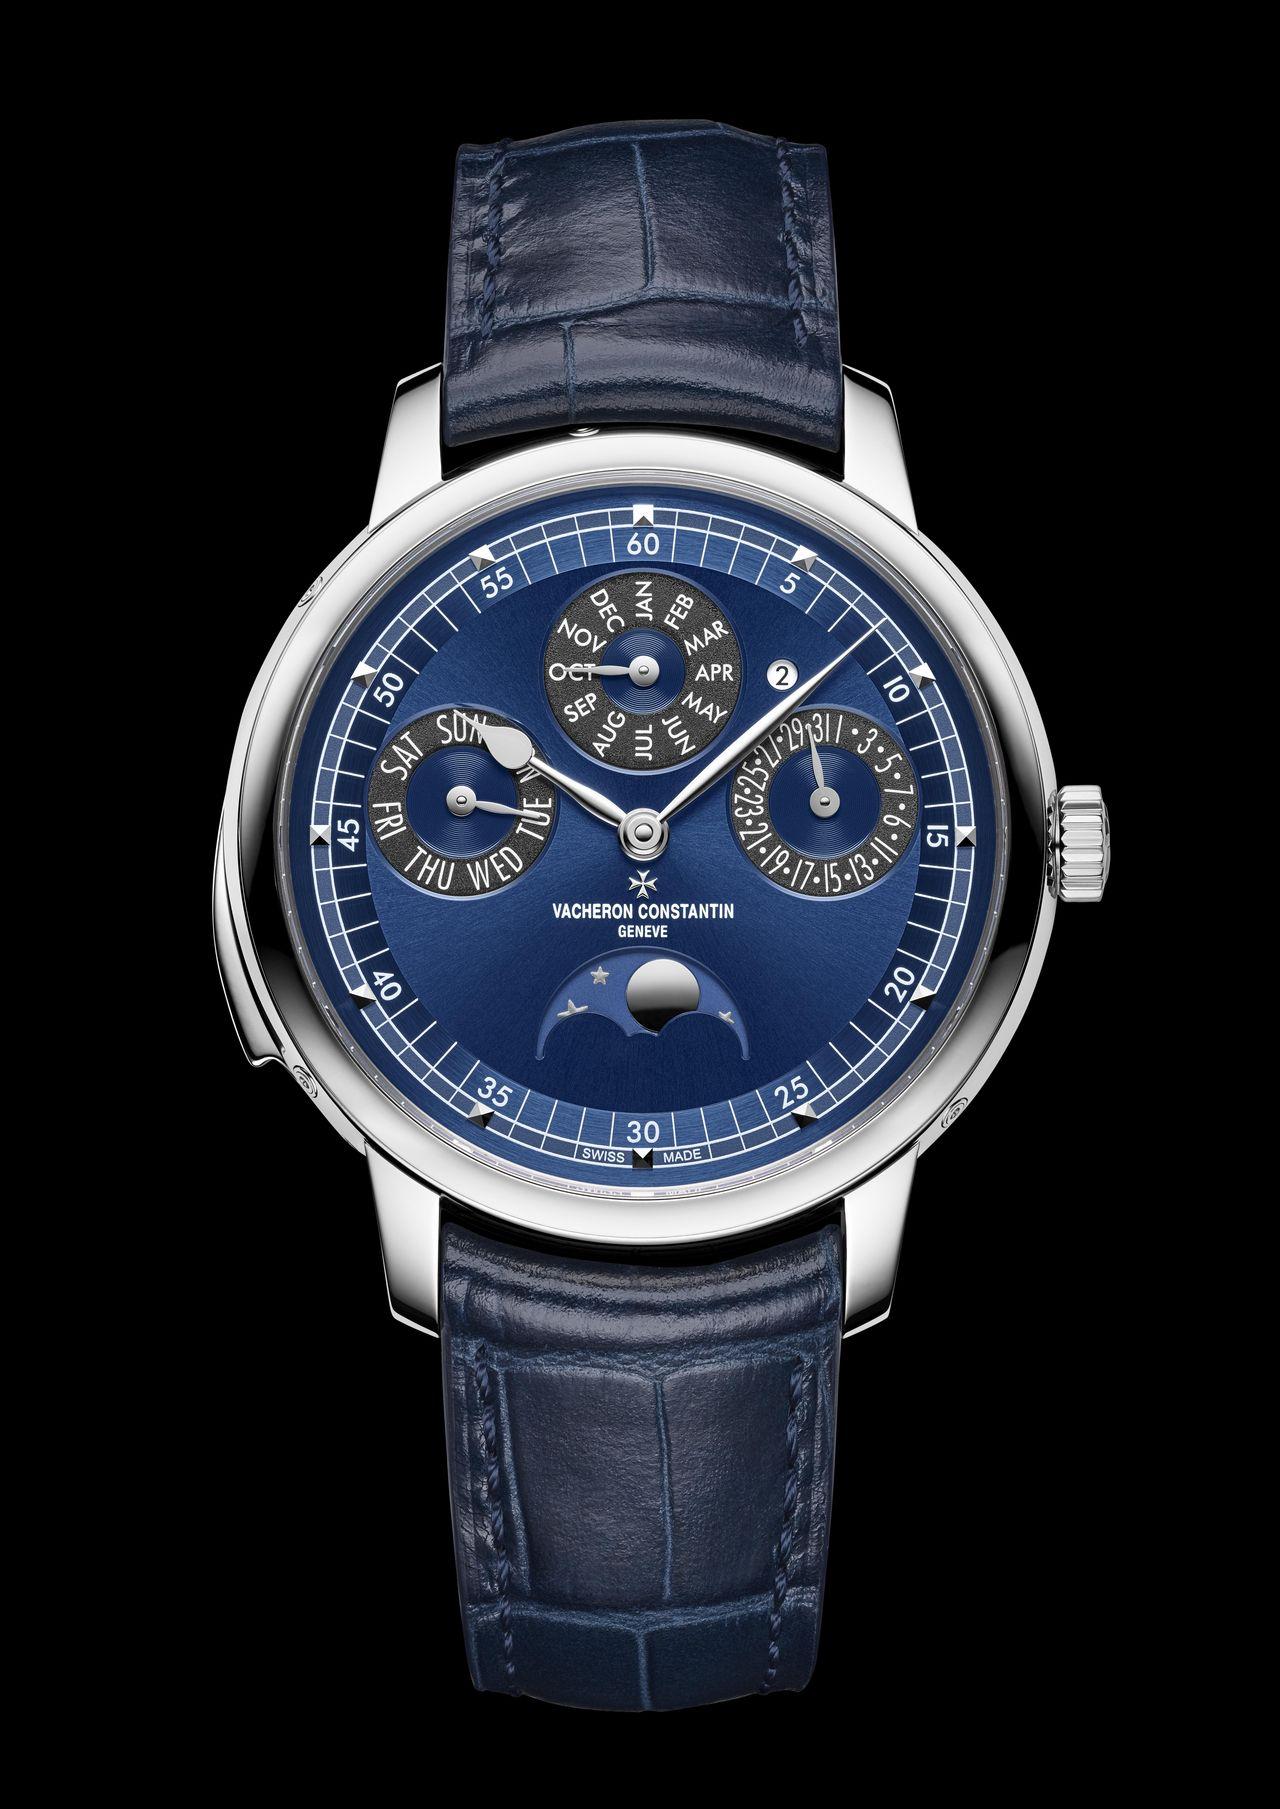 Vacheron Constantin Les Cabinotiers Minute Repeater Perpetual Calendar - természetesen kék, hiszen most bő 40 után újra ez divatos